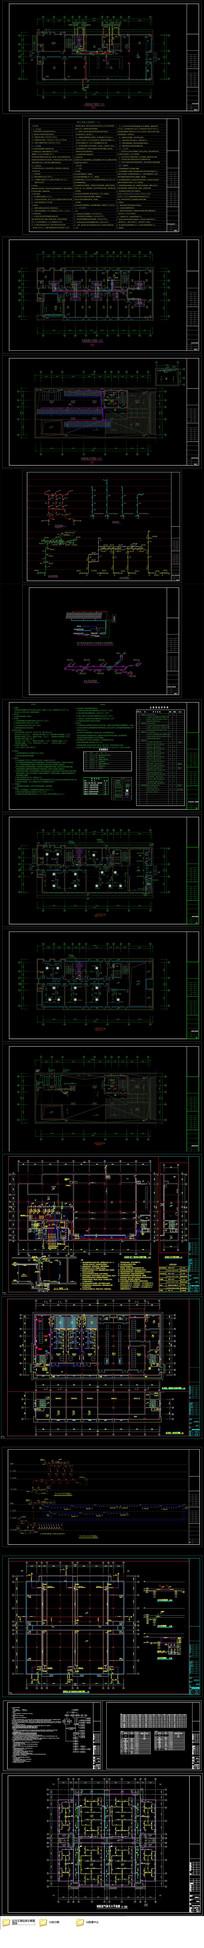 CAD数据中心水暖专业全套设计施工图